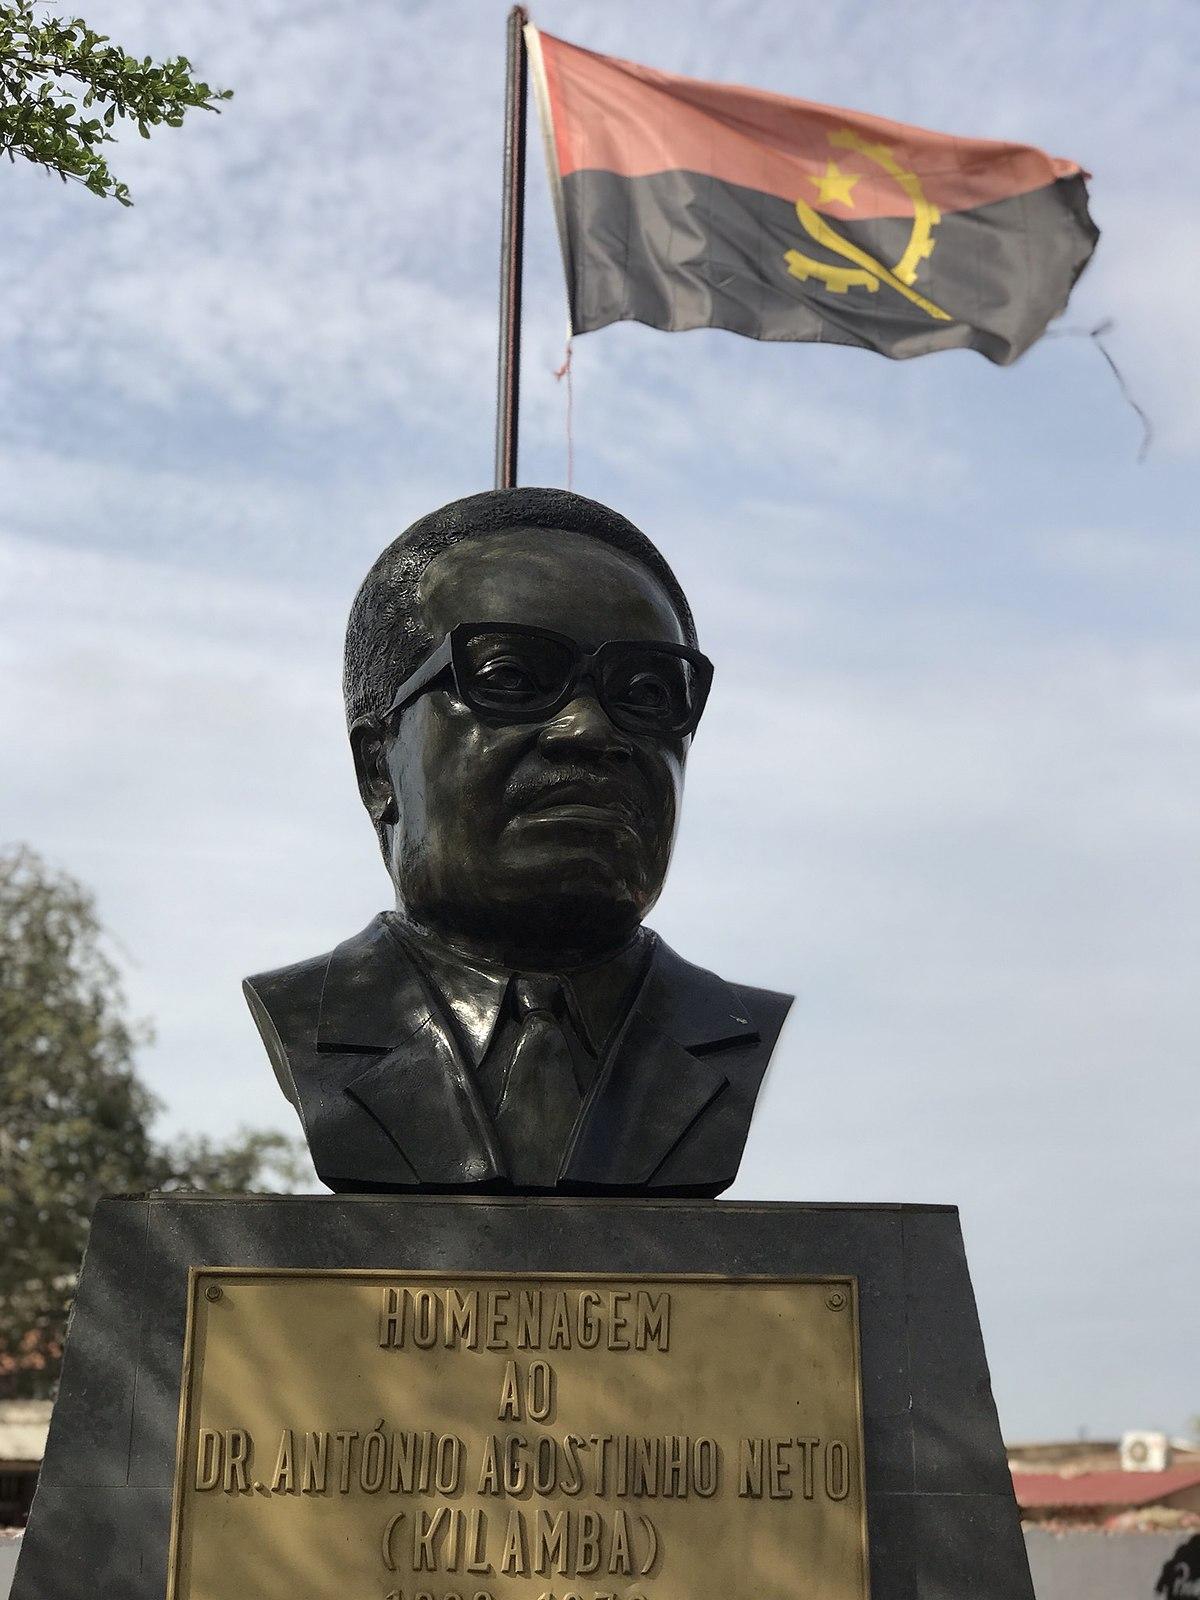 אבי האומה האנגולית ומשחררה מהעול הקולוניאלי ; דר' אנטוניו אגושטיניו נאטו מת ב-10 בספטמבר 1979